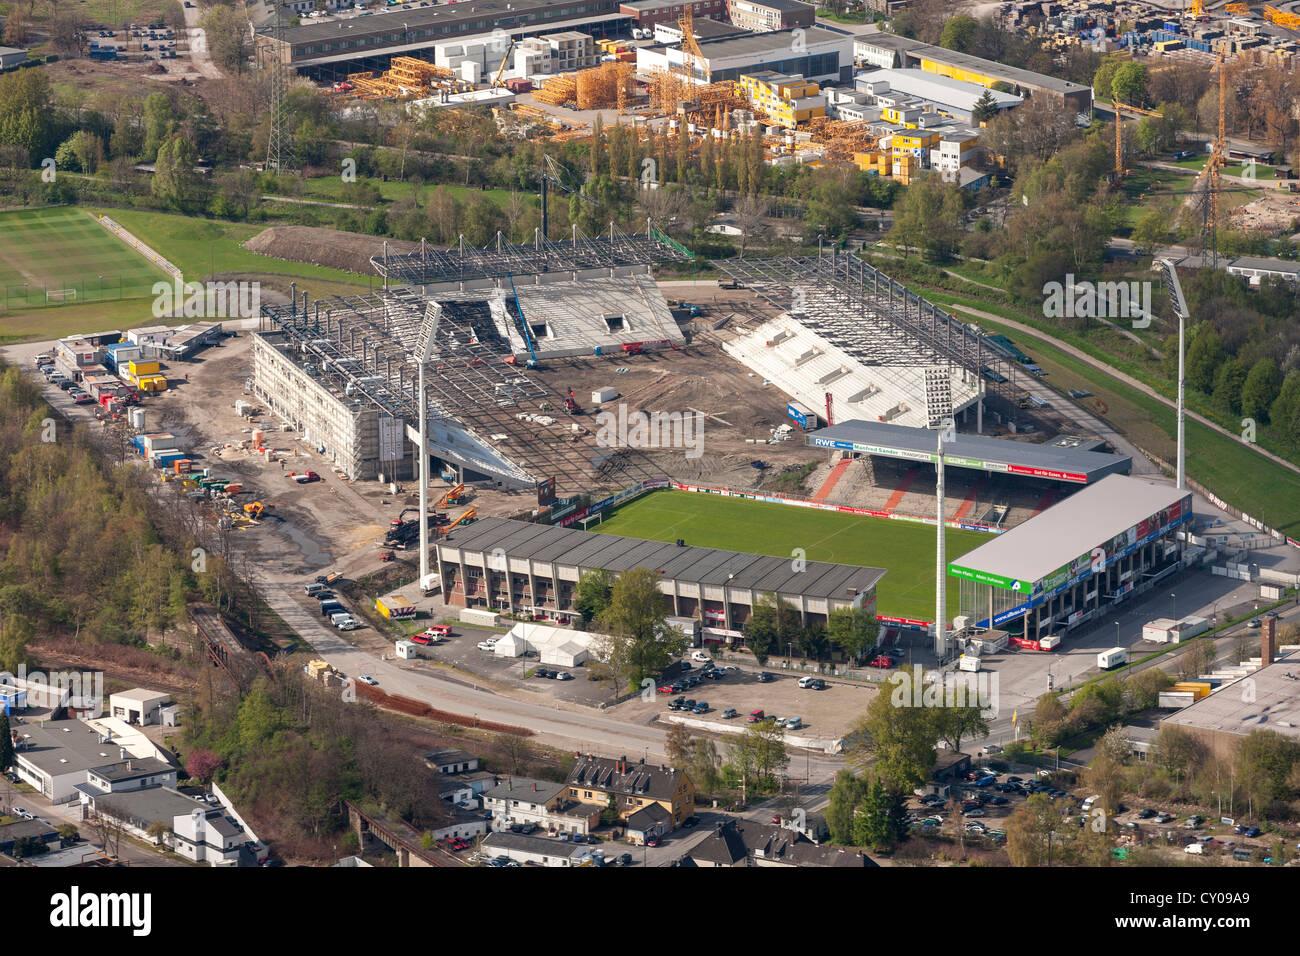 Aerial view, Rot-Weiss Essen stadium, Georg-Melches stadium, construction of the stadium, Essen, Ruhr area - Stock Image